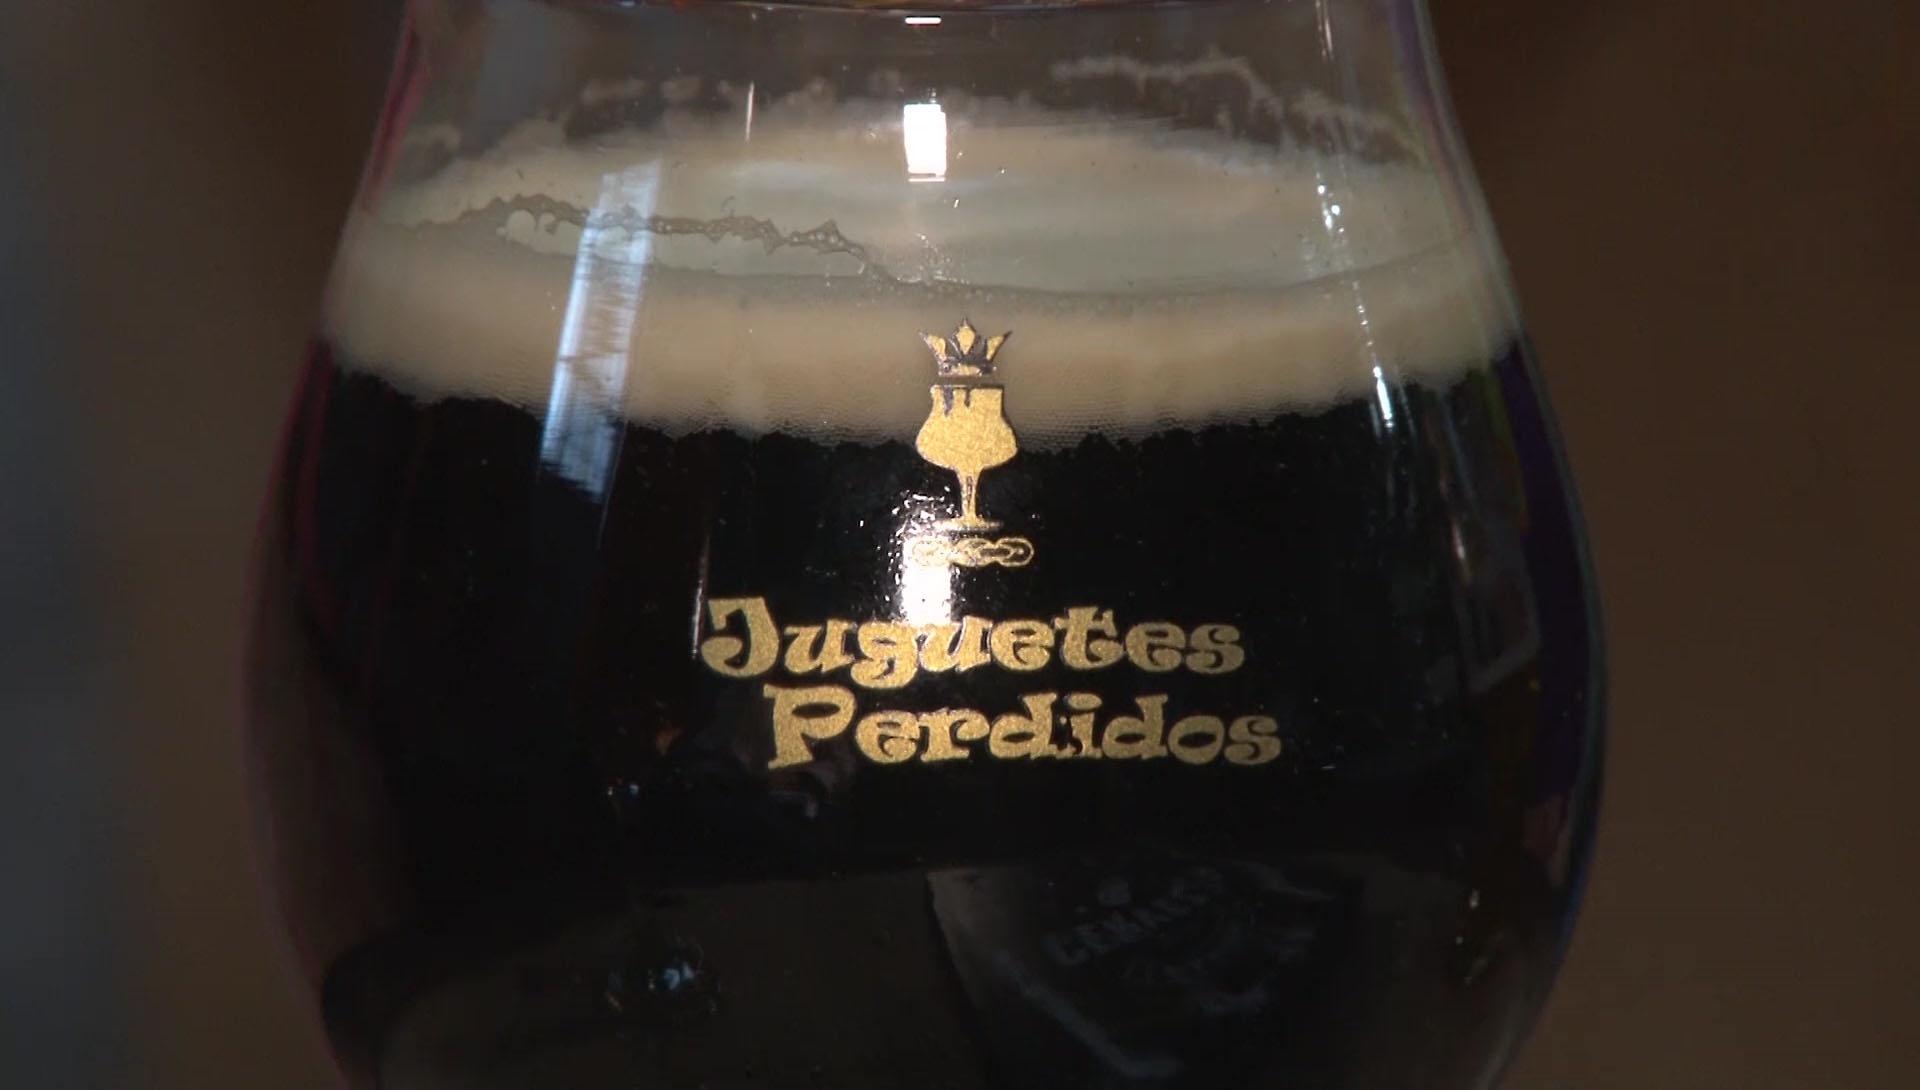 Juguetes Perdidos tiene más de 60 estilos de cerveza y cada semana ofrece a su público con una nueva